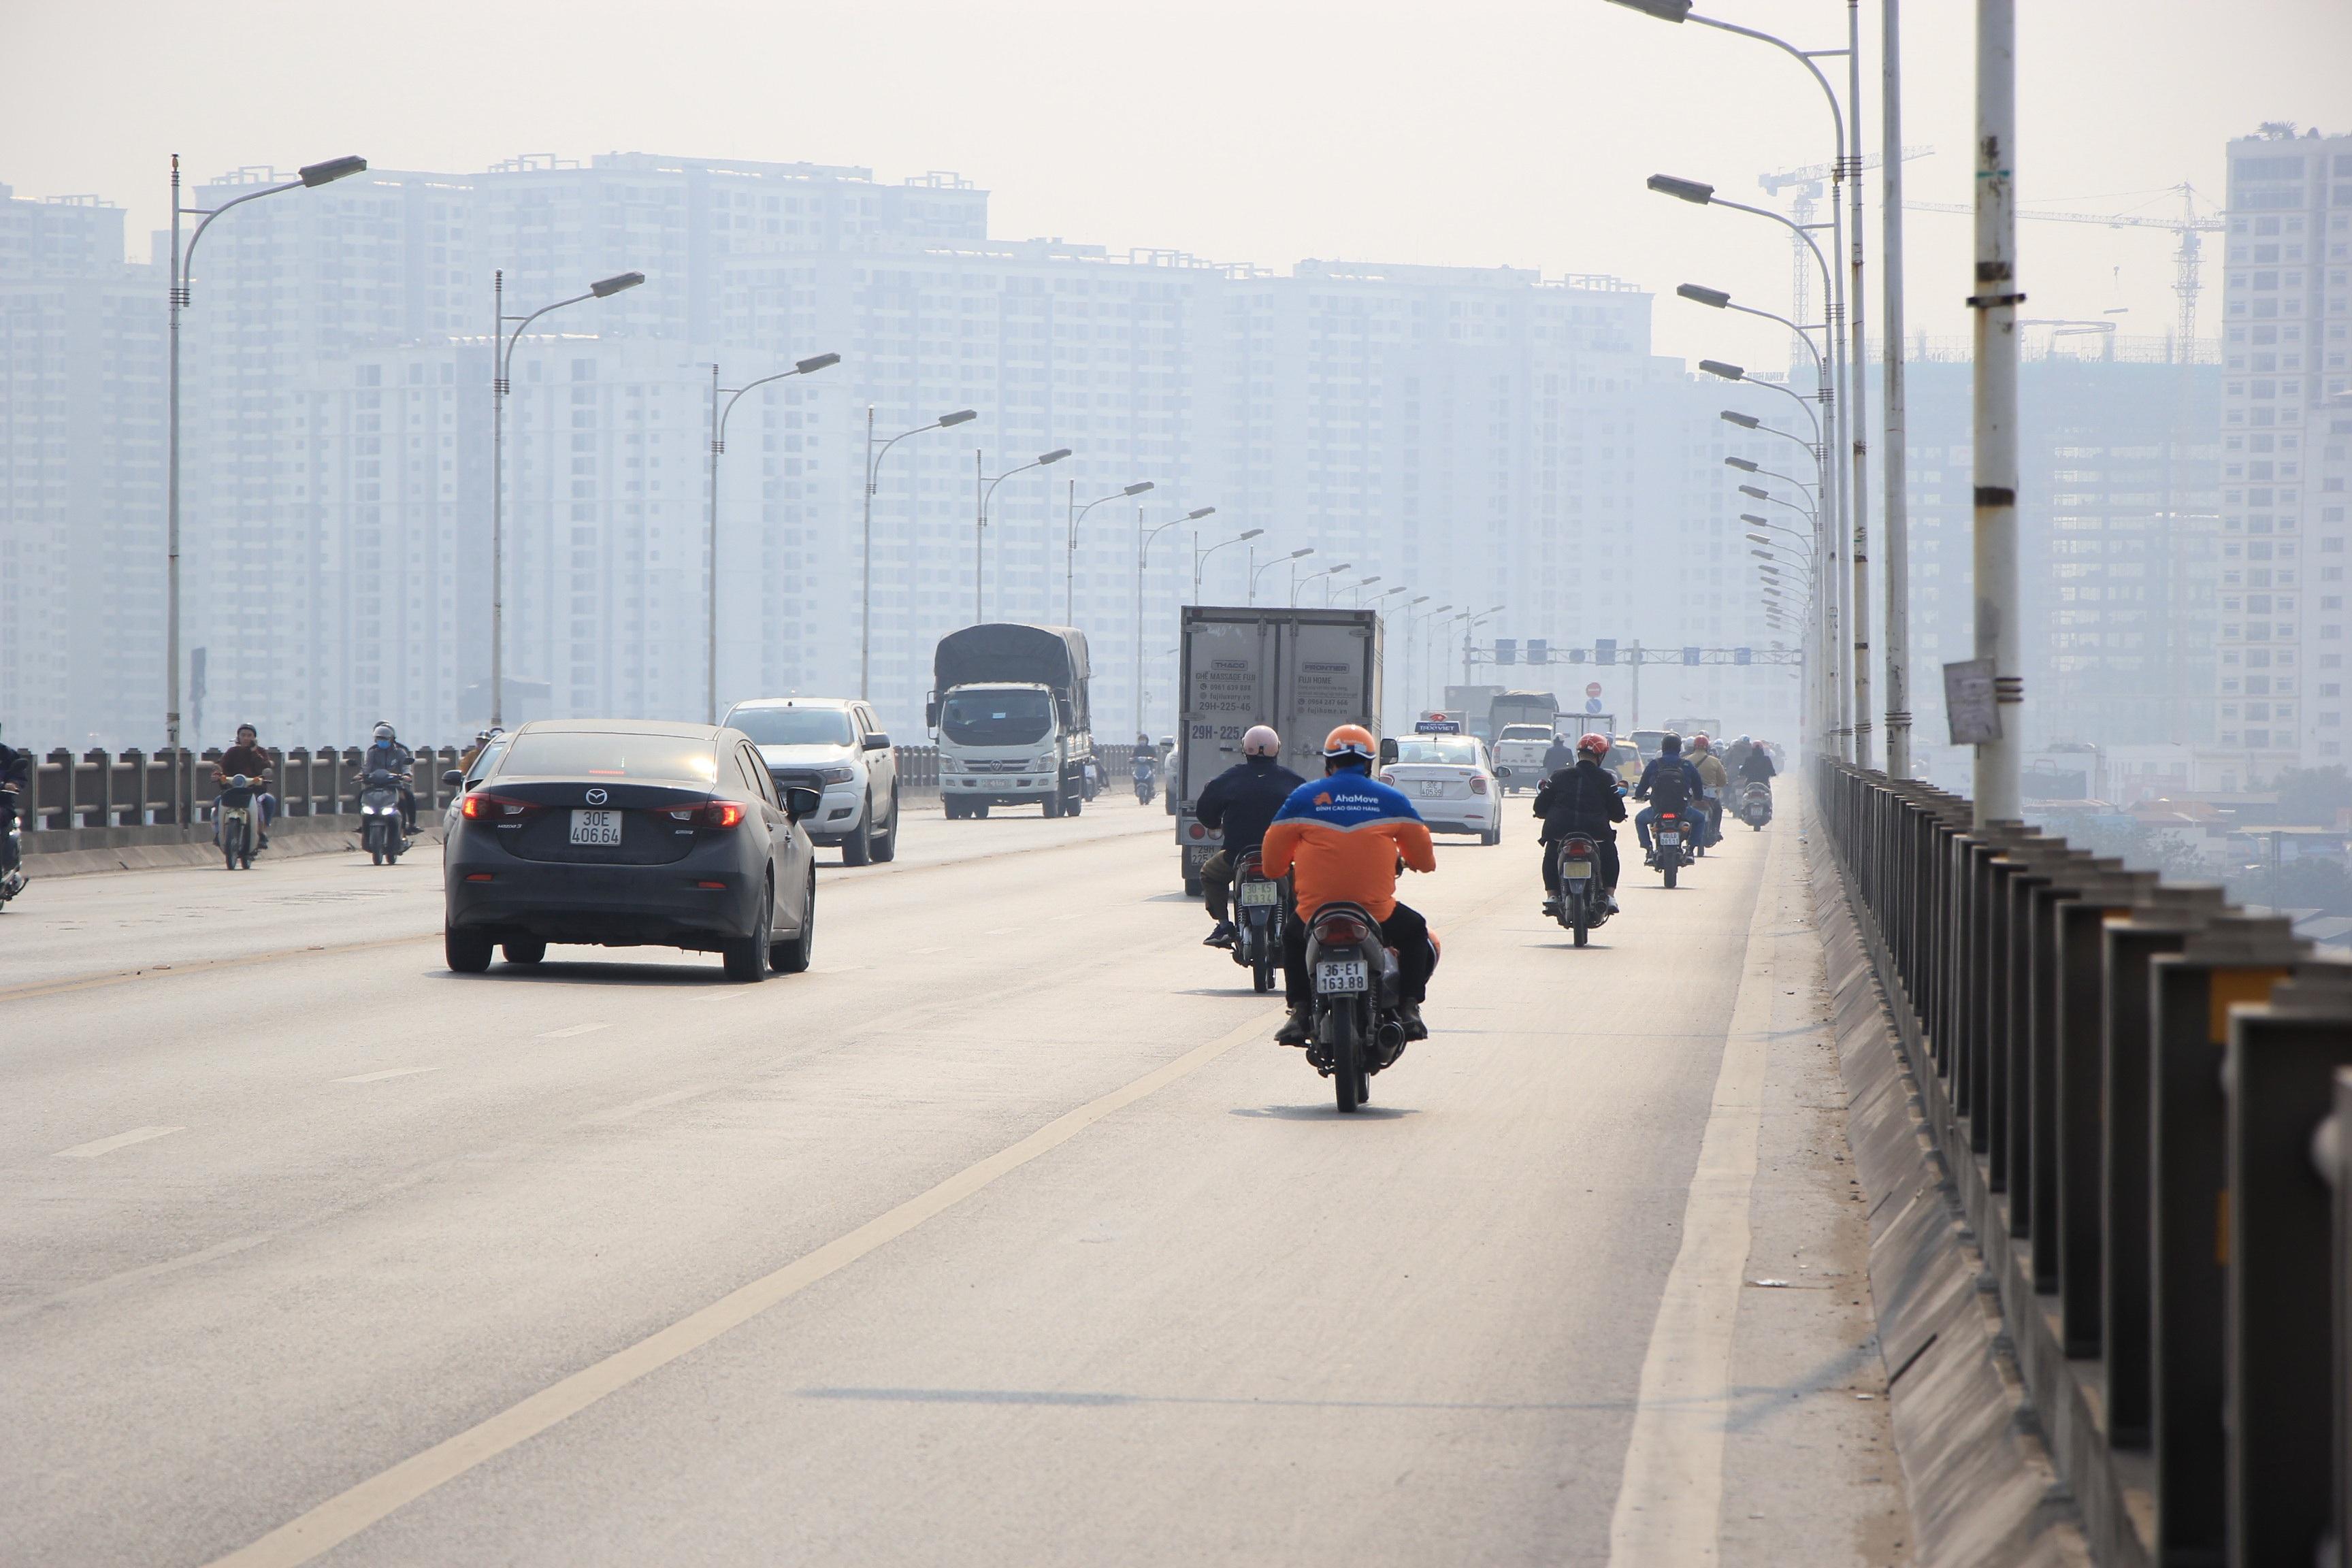 Toàn cảnh giao thông cầu Vĩnh Tuy trước khi xây cầu Vĩnh Tuy 2 - 5